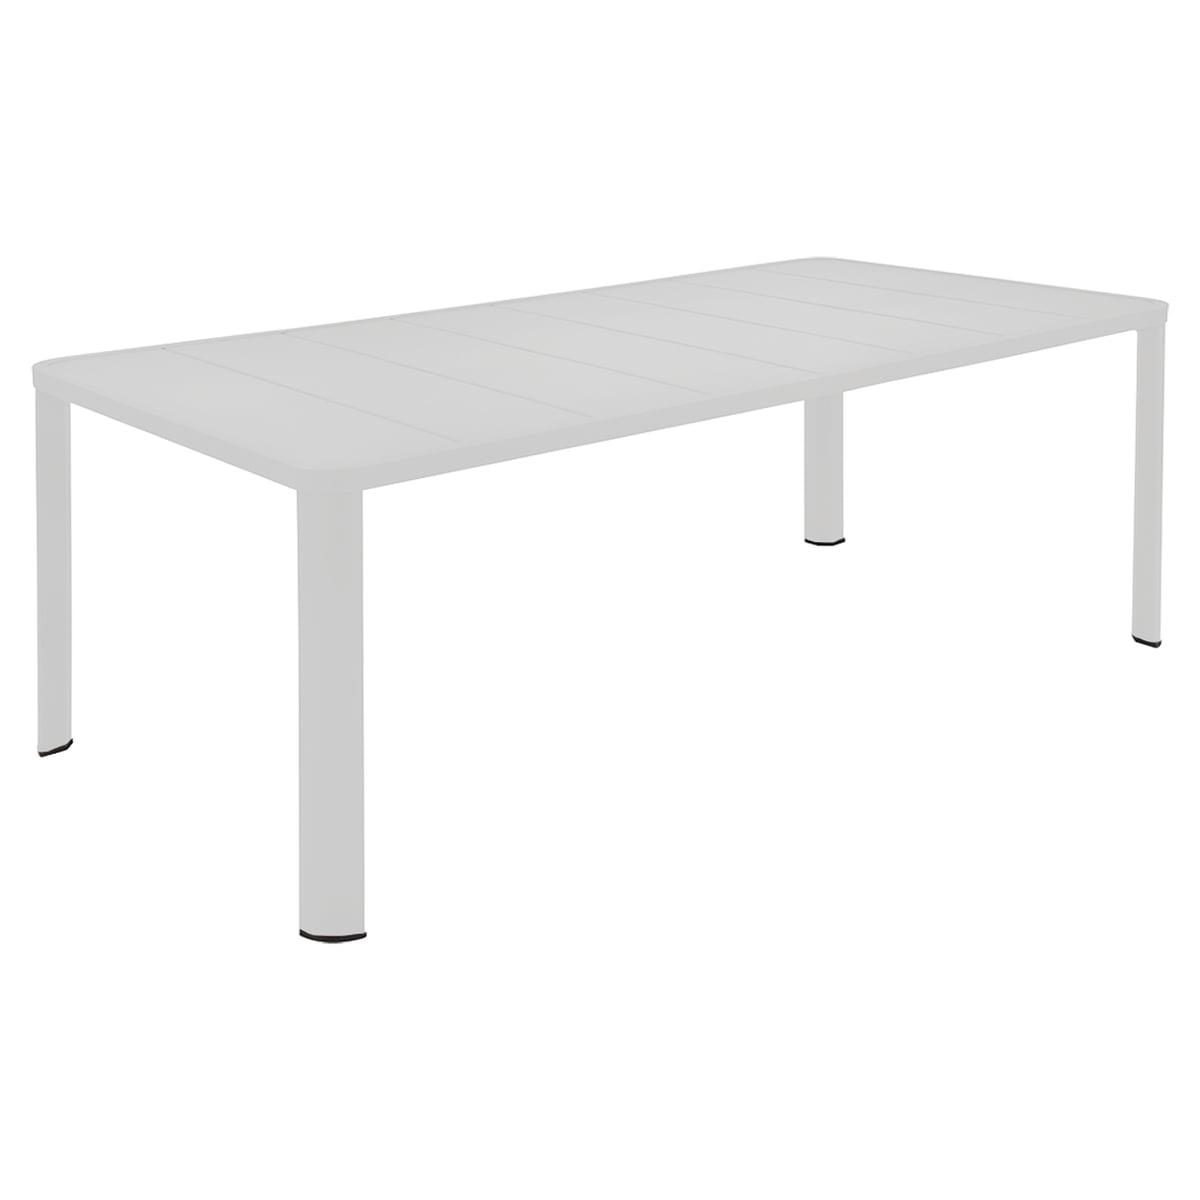 Table de jardin Oléron par Fermob | Connox